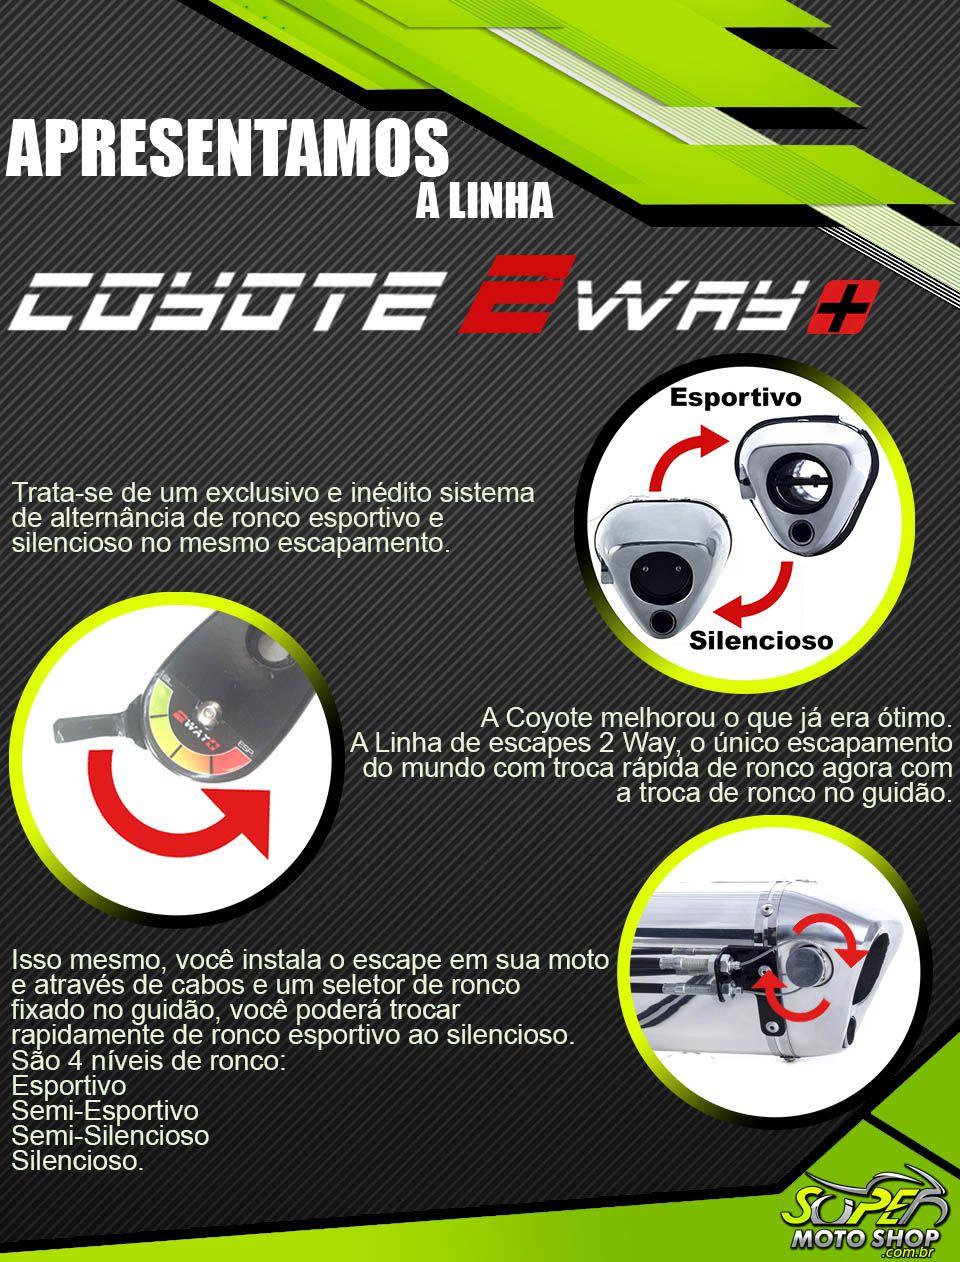 Escape / Ponteira Coyote Modelo TRS 2 Way + Mais em Alumínio - CB 500 F / R / X ano 2018 em Diante - Honda